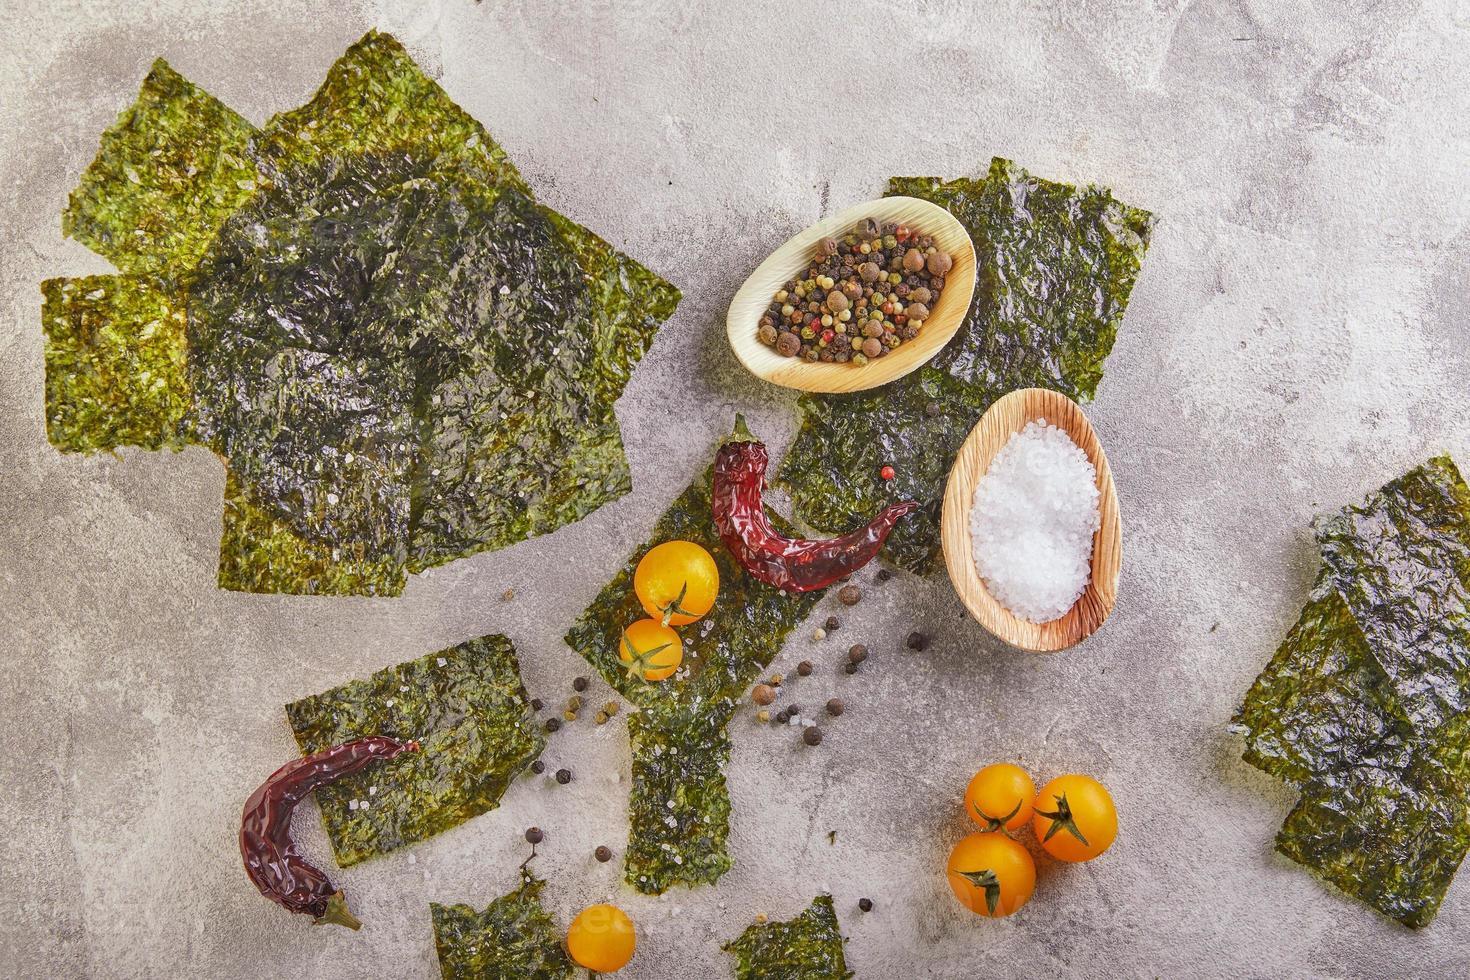 Crujiente de algas nori con tomates cherry y especias sobre hormigón gris foto